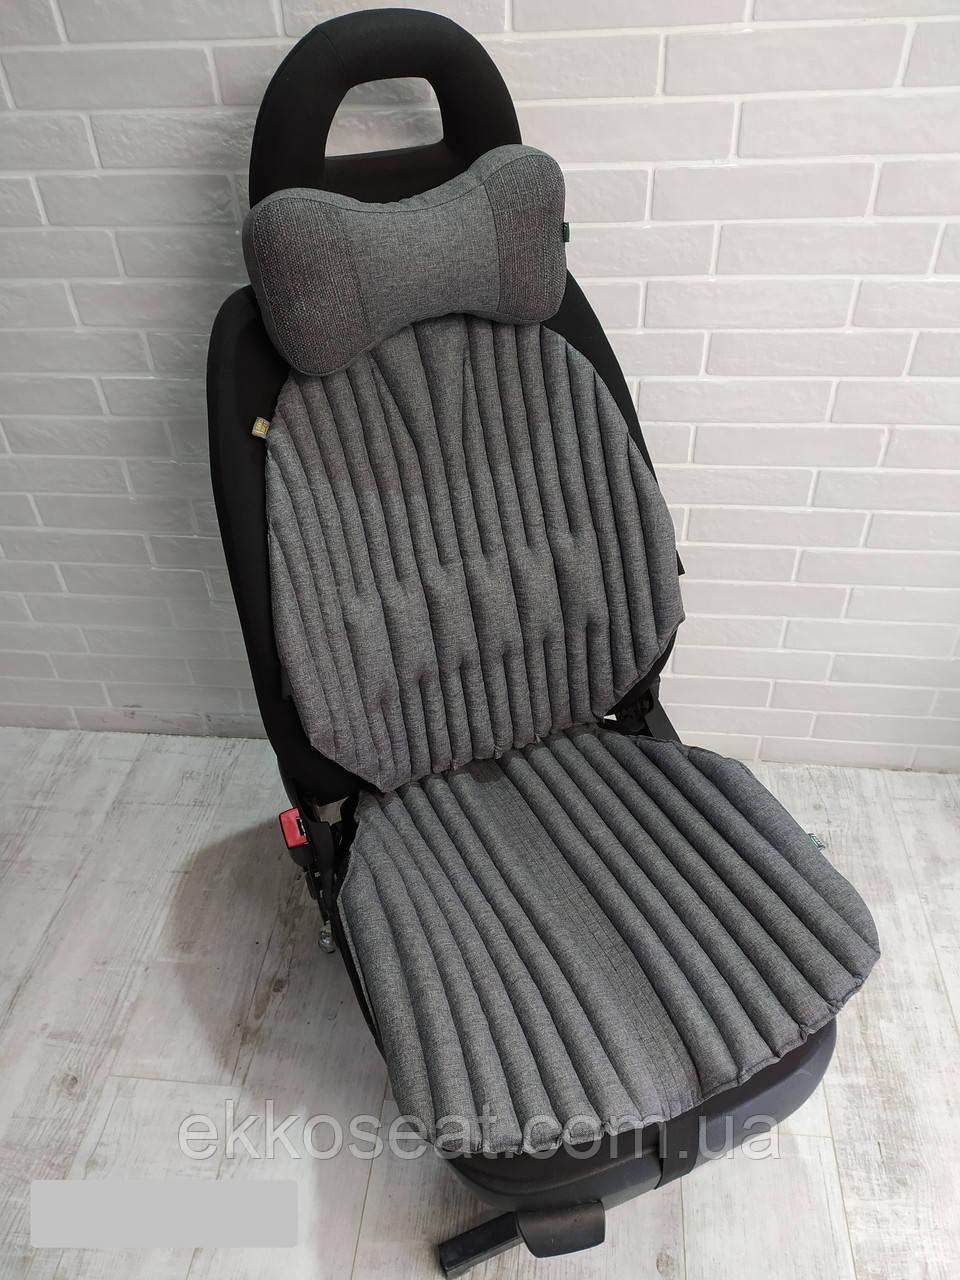 Ортопедическая эко подушка - накидка для авто кресла и подголовник EKKOSEAT. Универсальная.